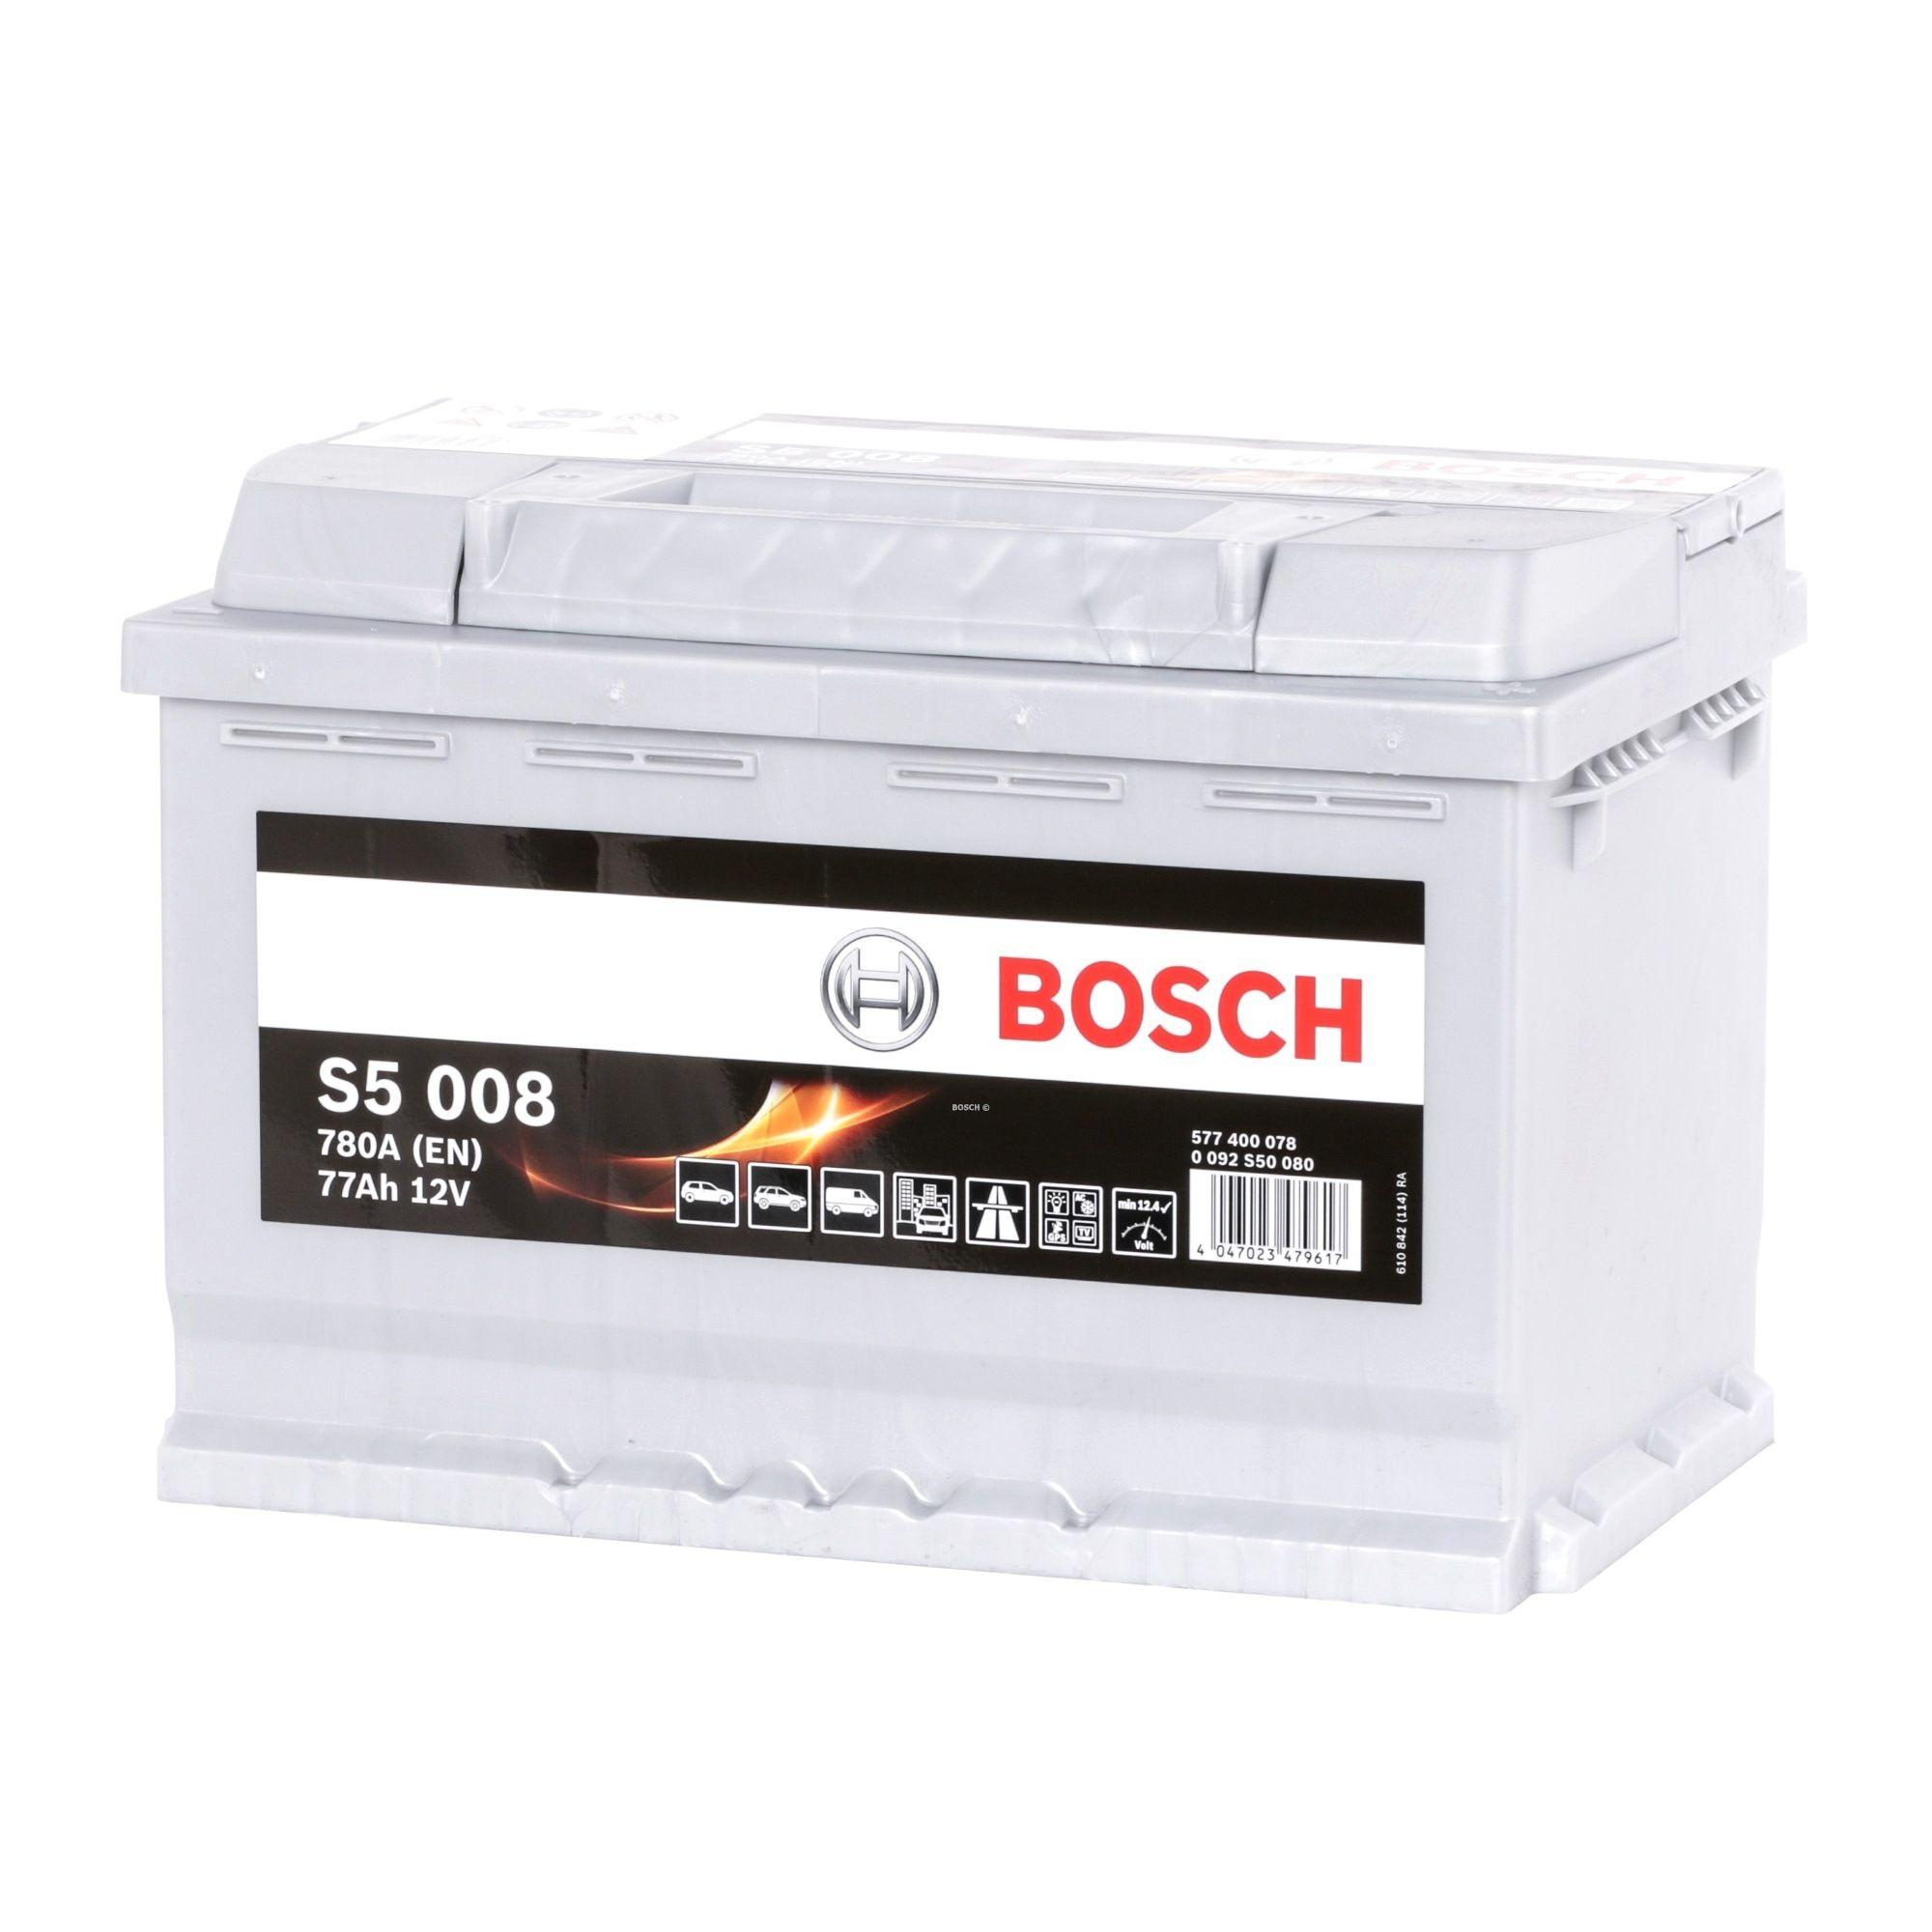 BOSCH: Original Akku 0 092 S50 080 (Kälteprüfstrom EN: 780A, Spannung: 12V, Polanordnung: 0)